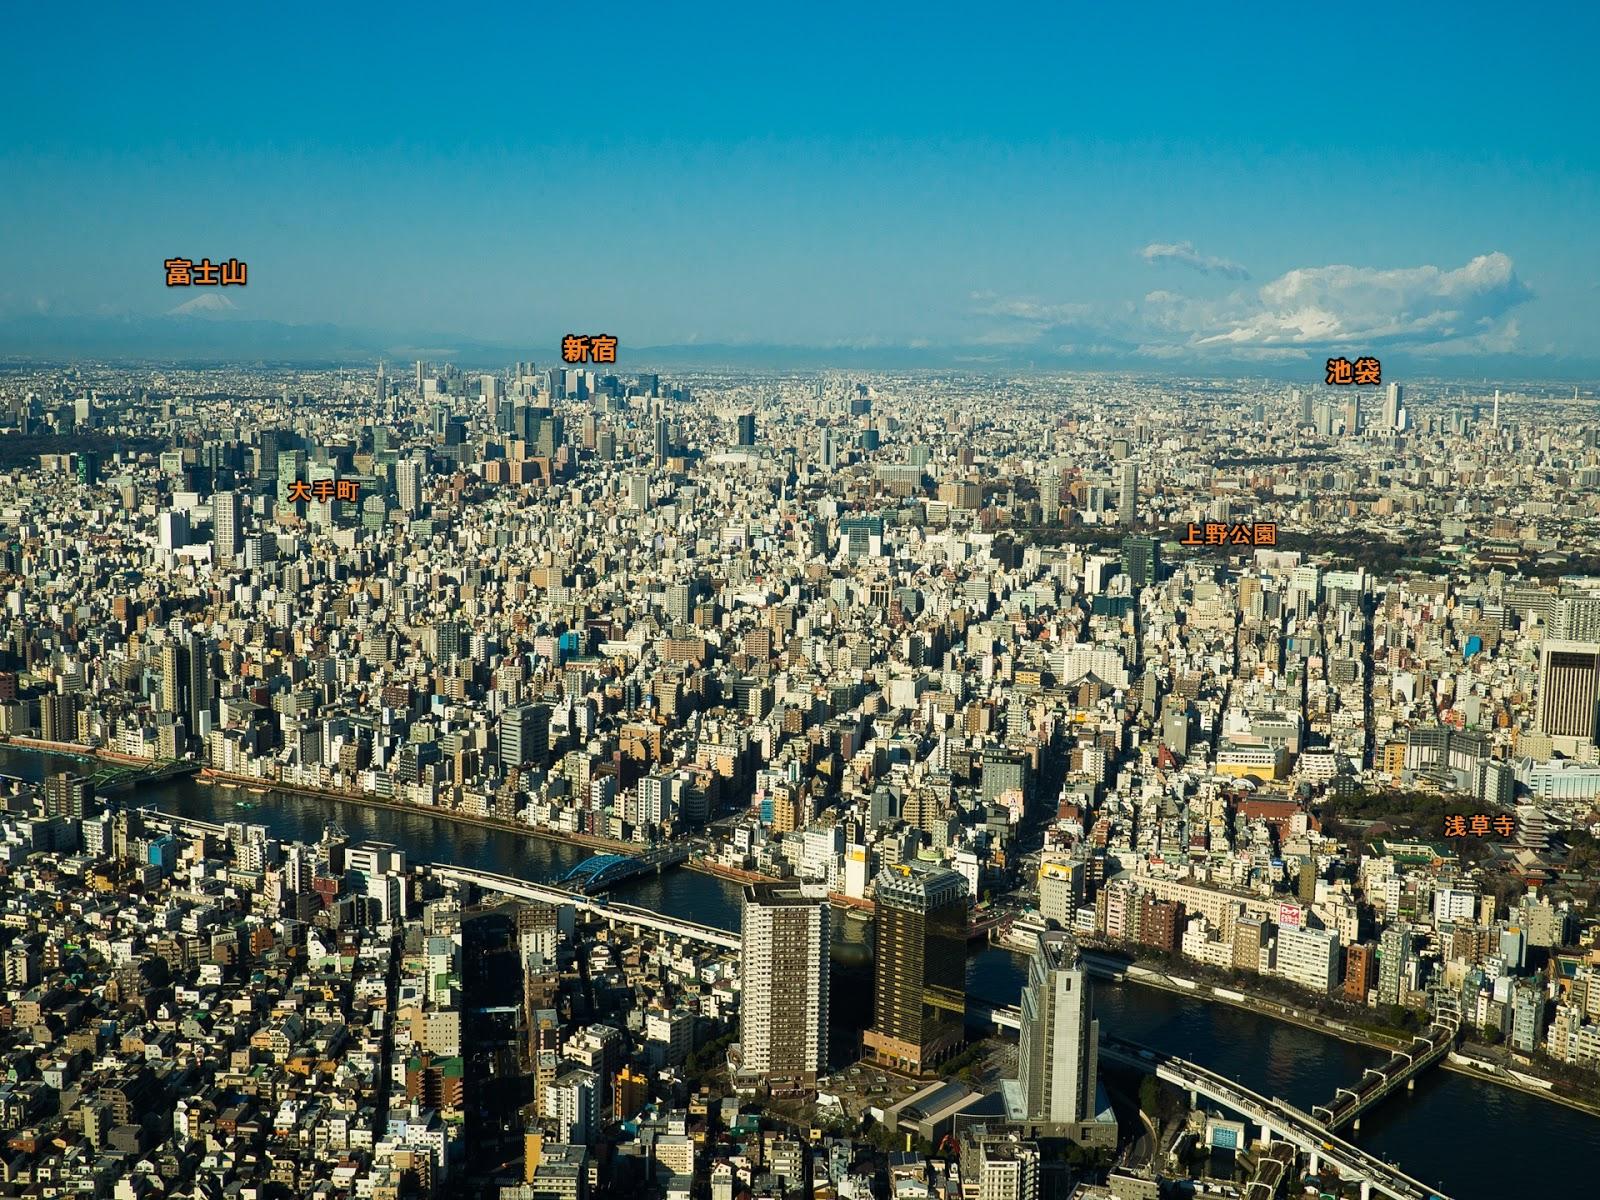 東京スカイツリー展望デッキから、西方面(新宿方向)の風景